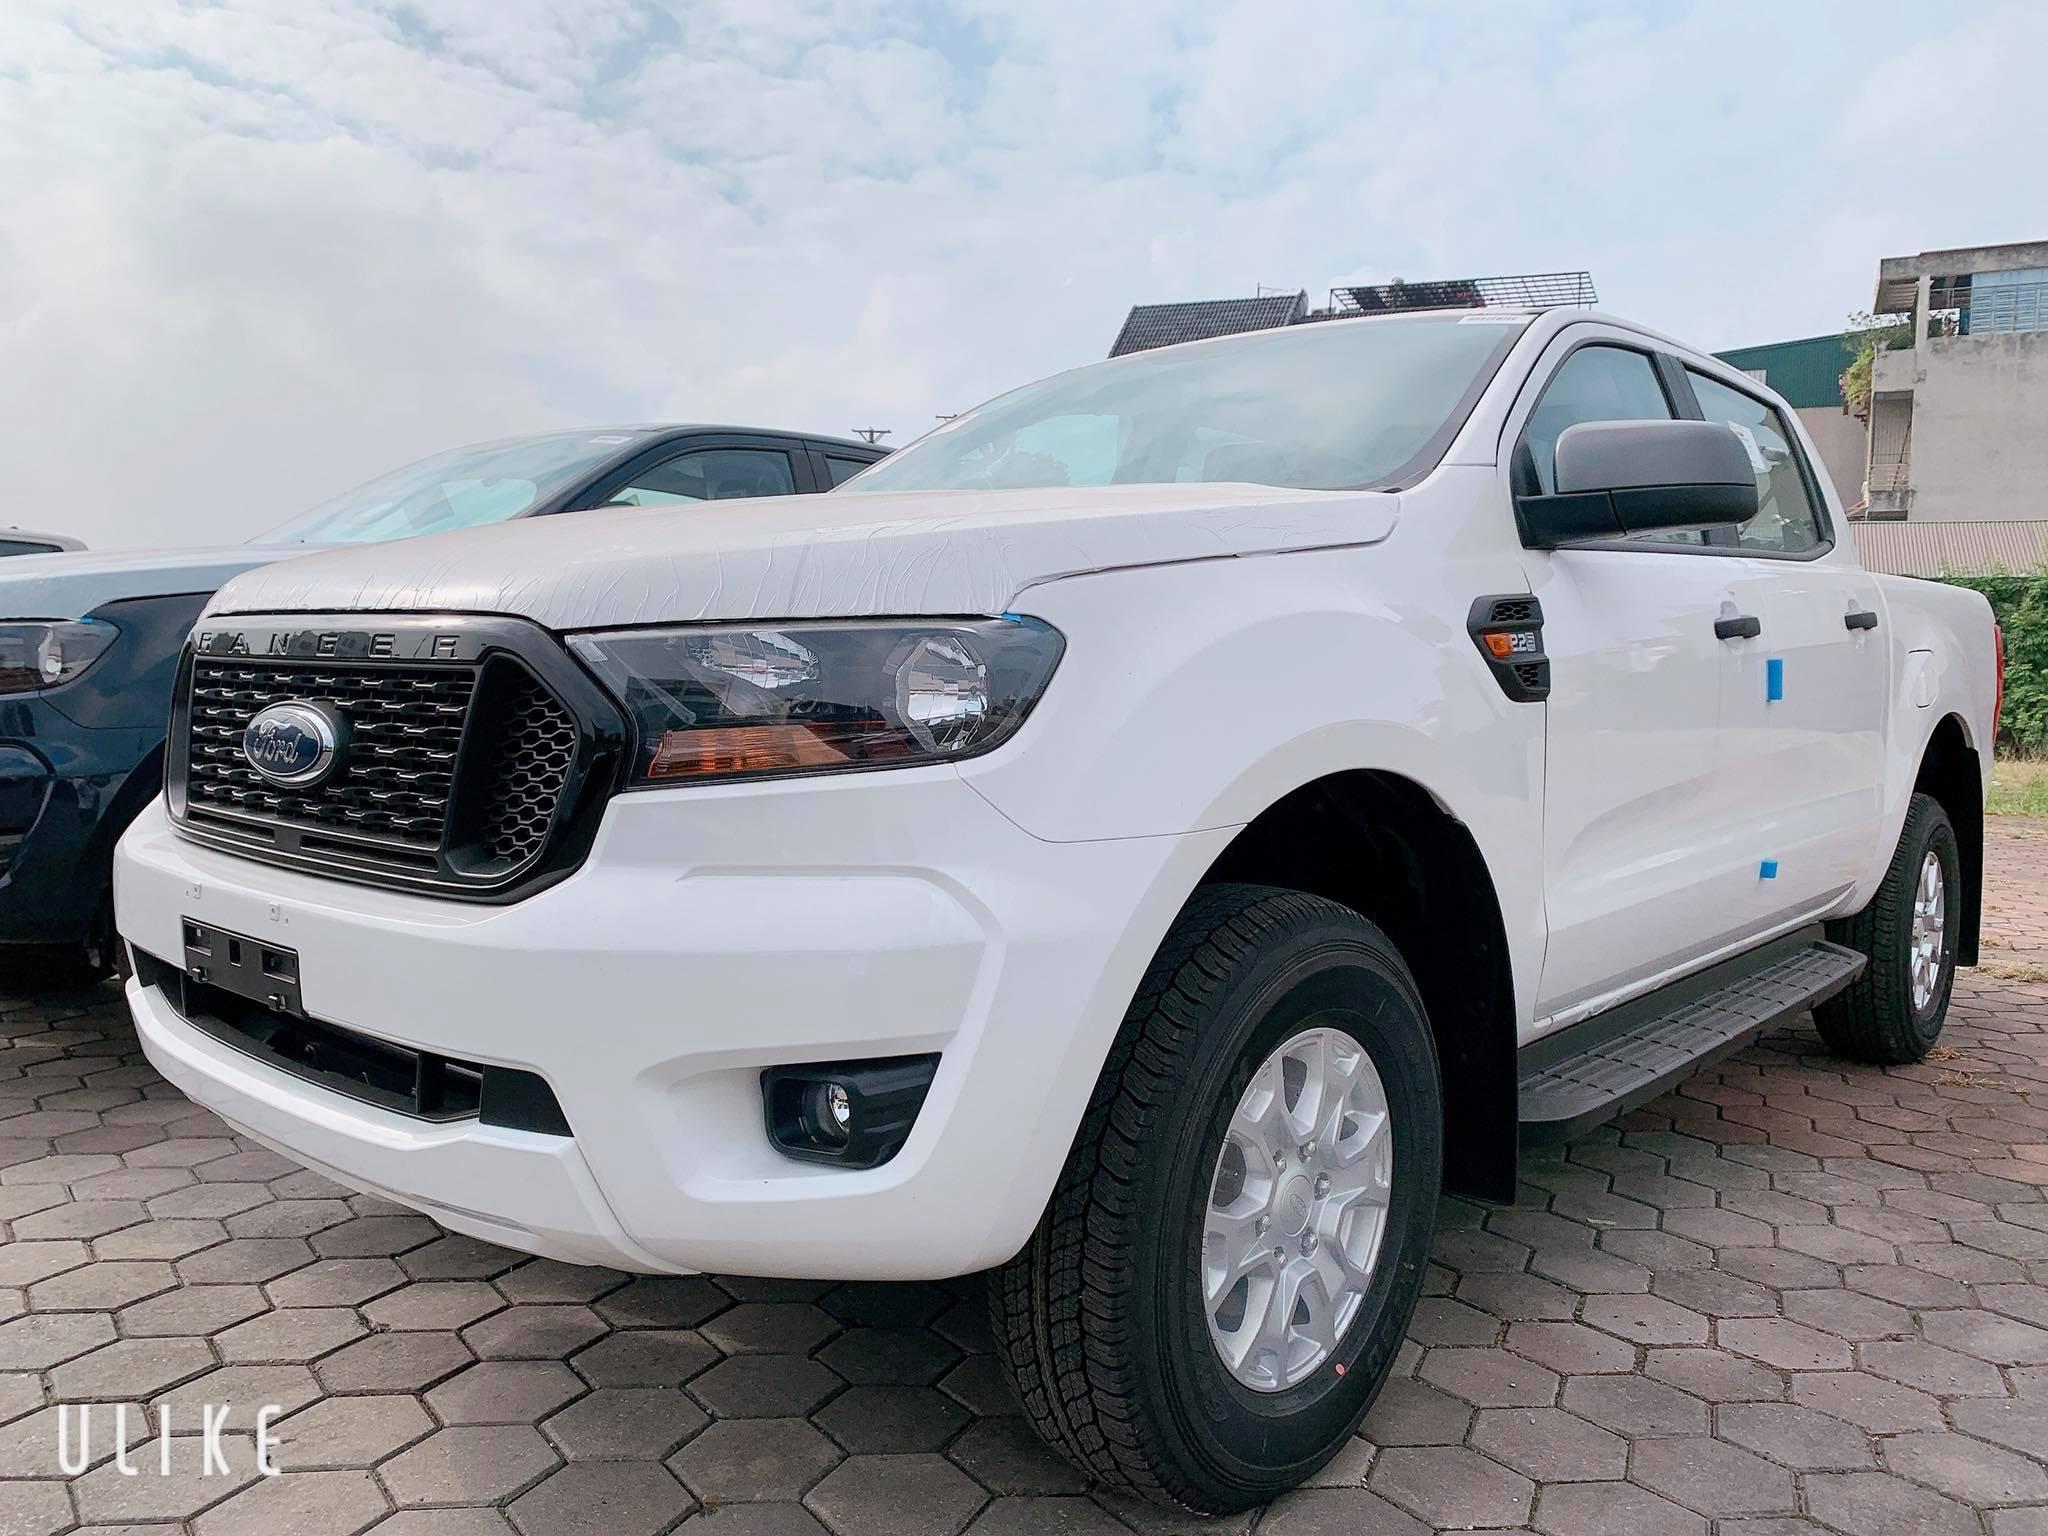 Giá bán xe Ford Ranger XLS MT lắp ráp là 630 triệu đồng